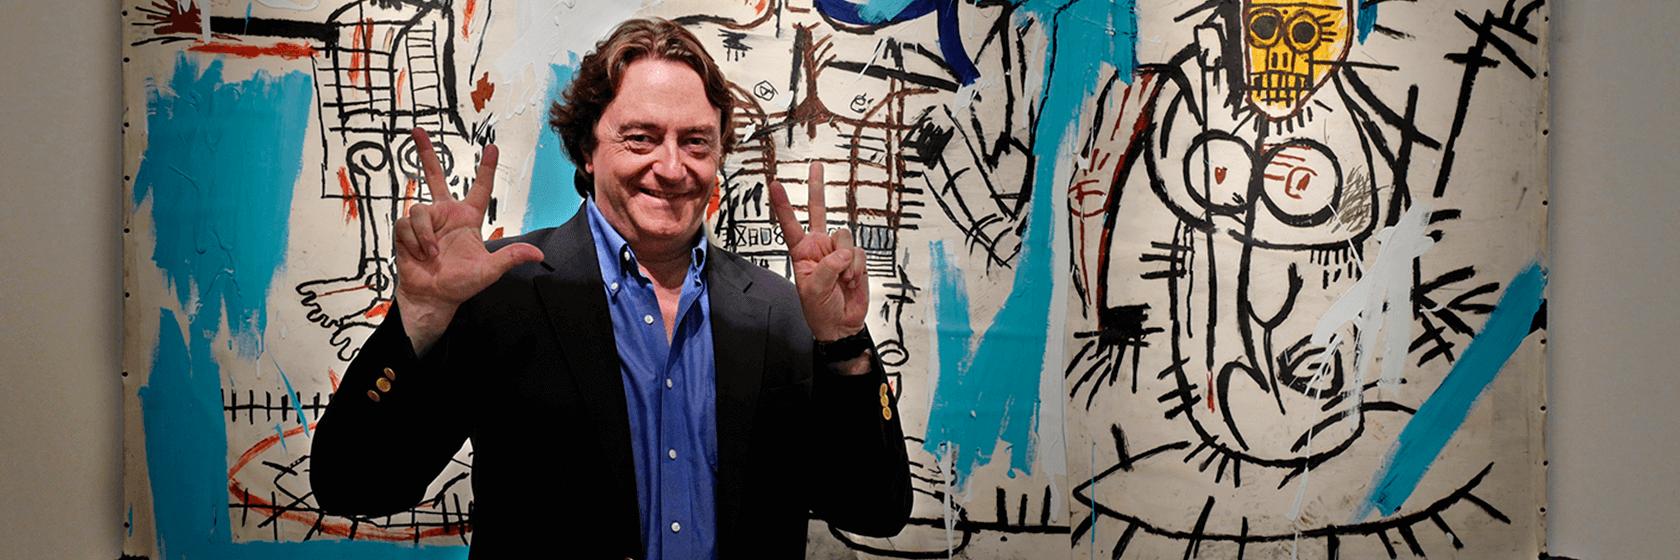 Entrevistamos a Miguel Soler-Roig | The Room Studio